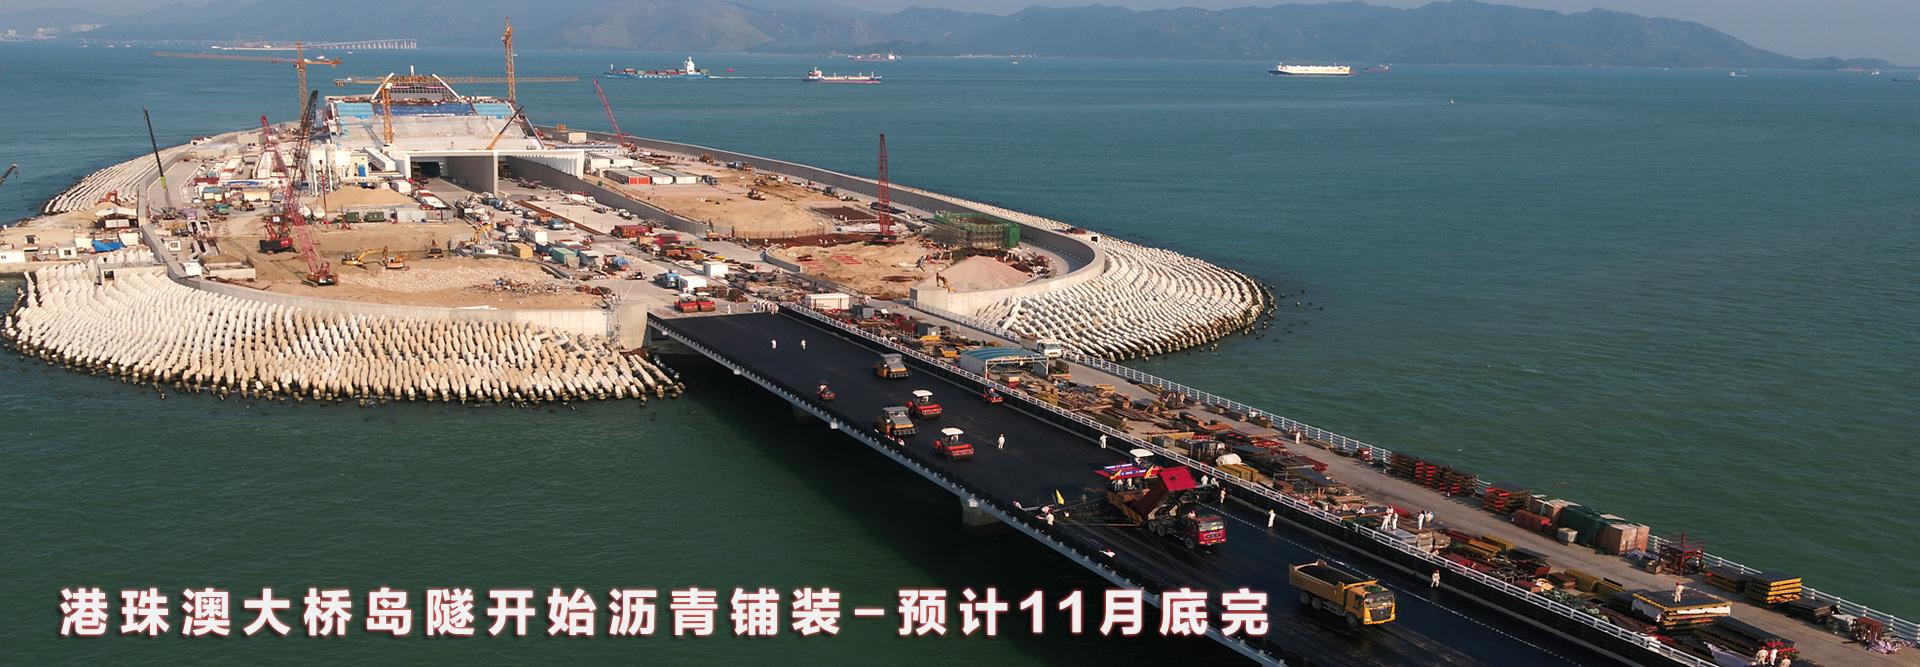 港珠澳大桥岛隧开始沥青铺装_预计11月底完工